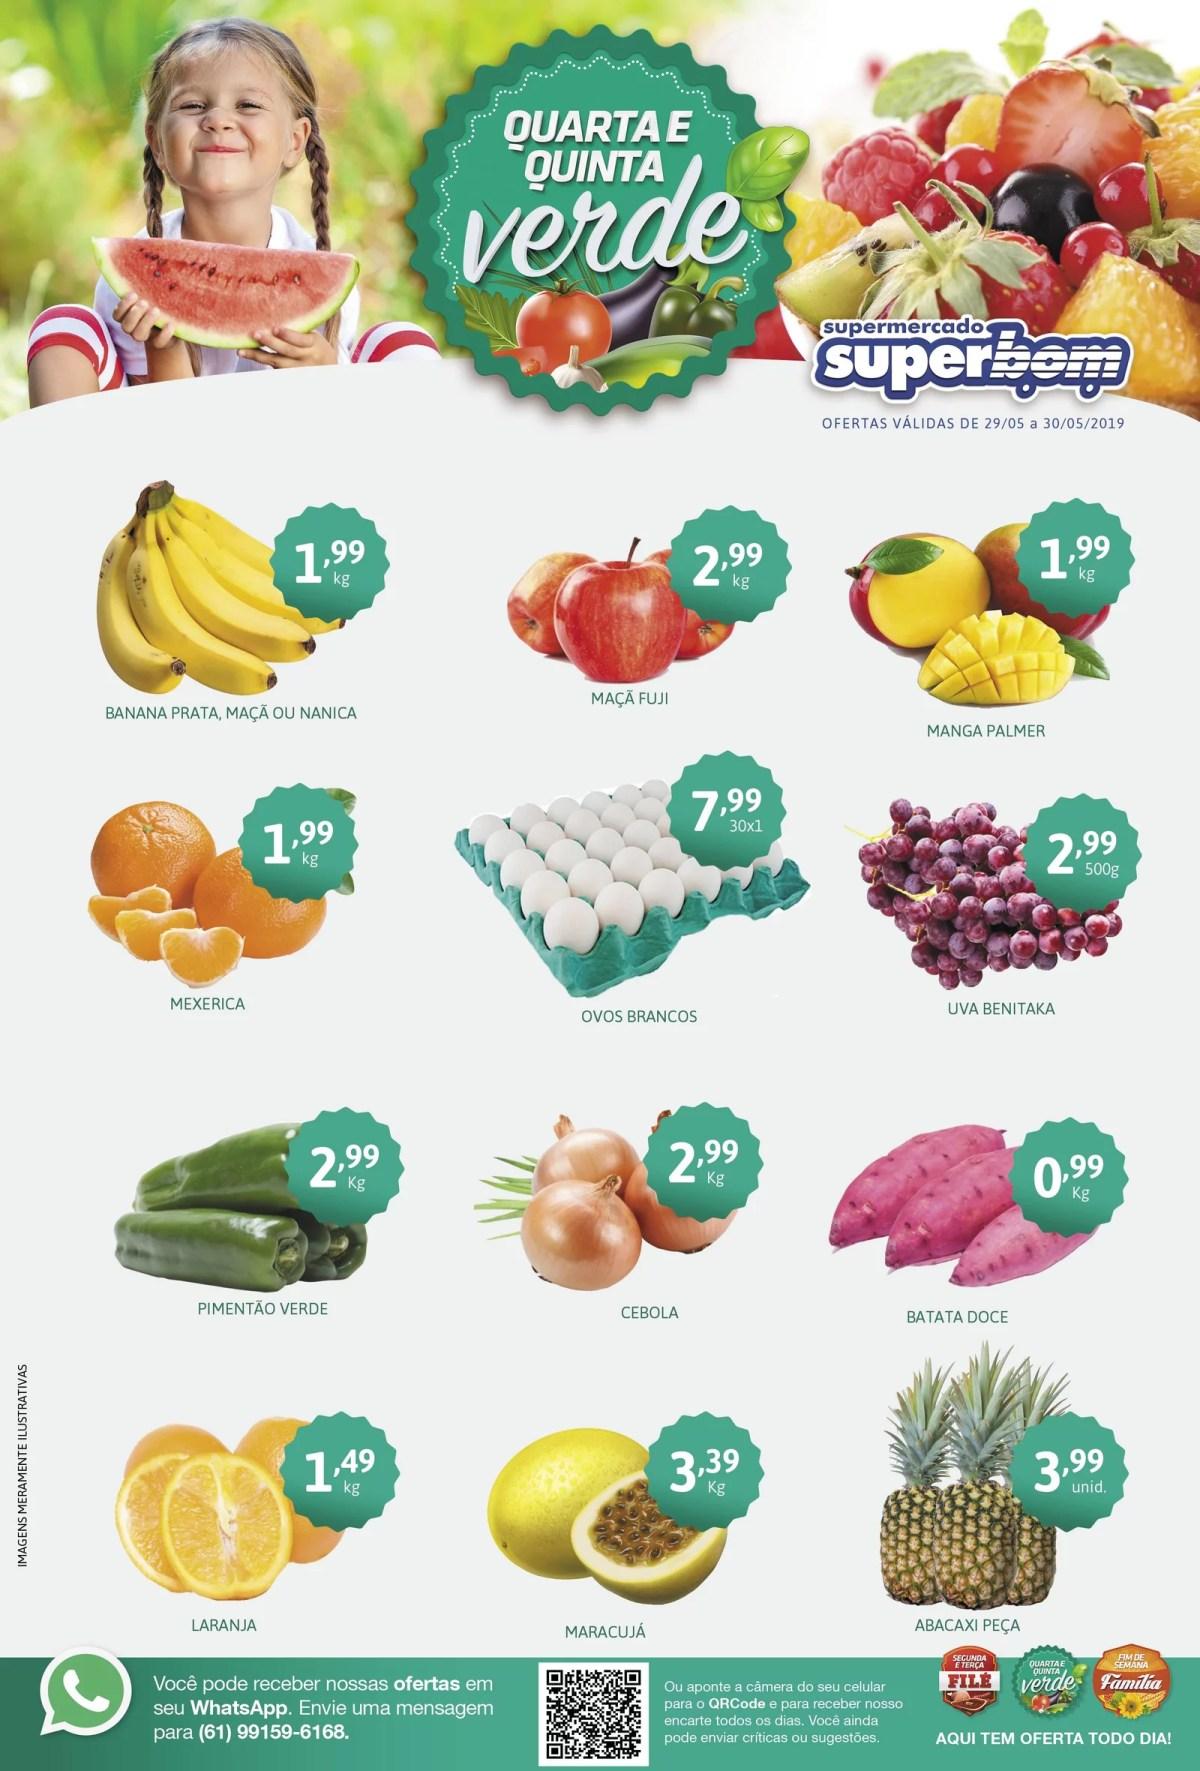 Ofertas Supermercado SuperBom0